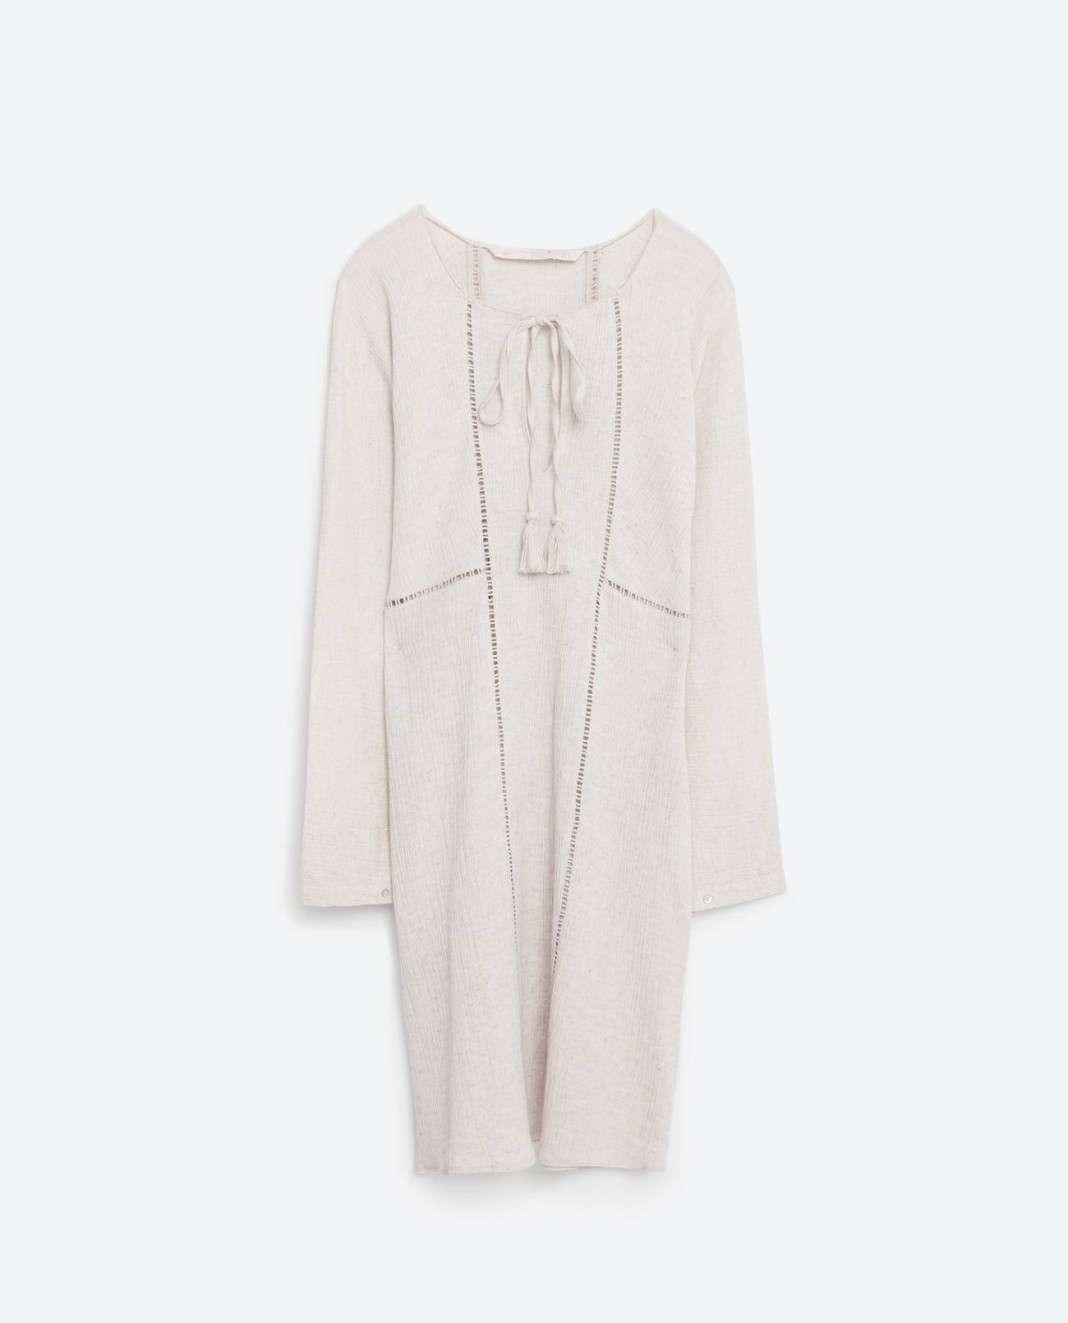 vestidos de Zara para el verano 2016 casaca blanca